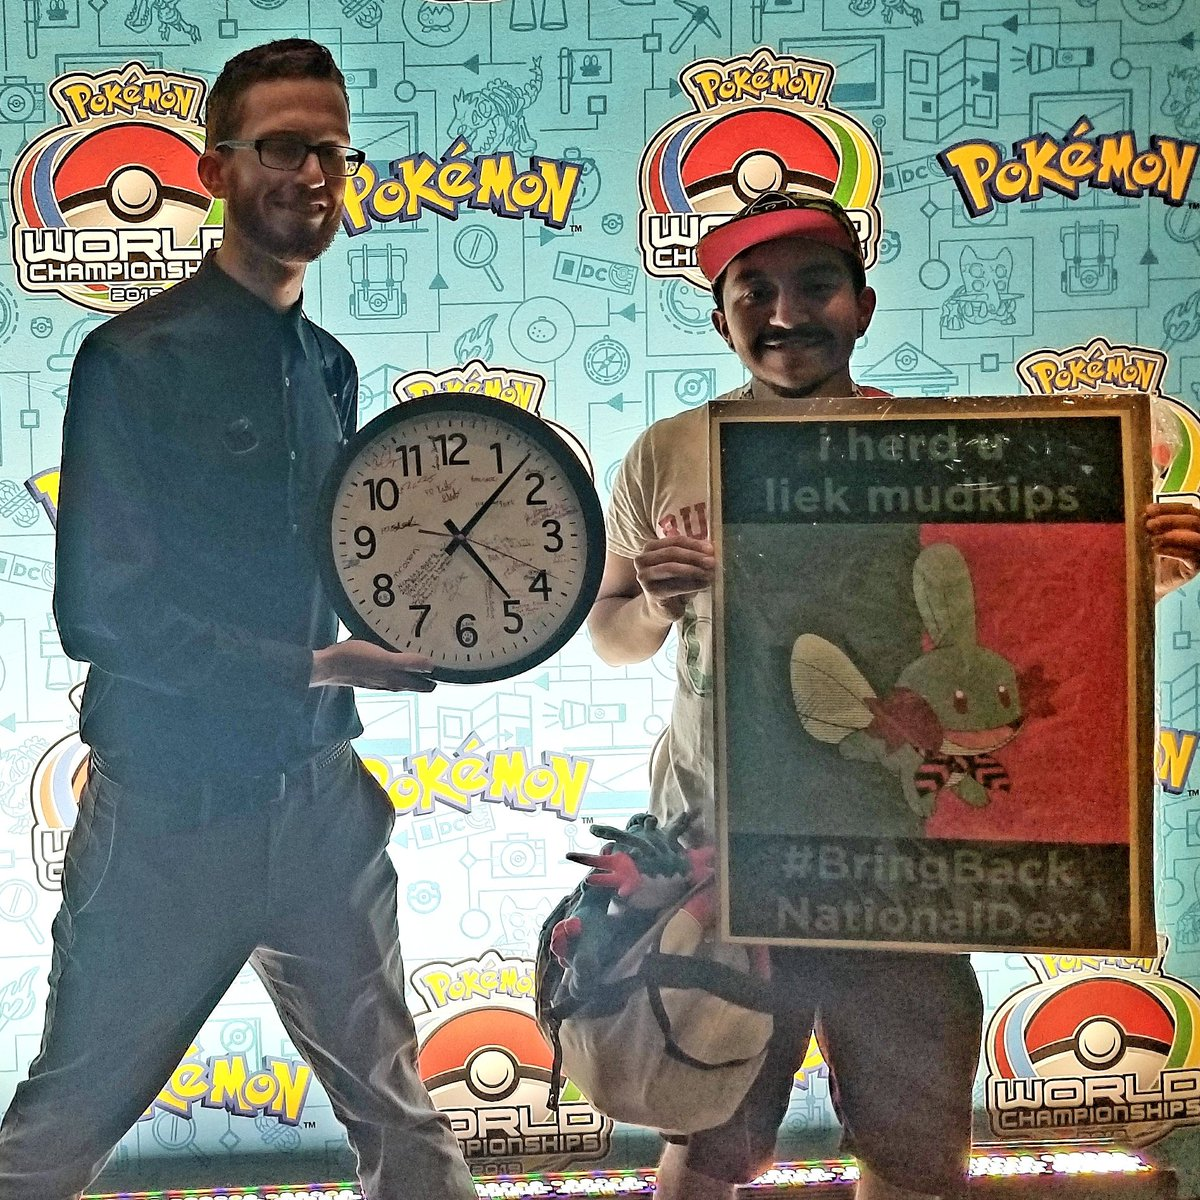 You already know I came to protest! Ft. Future CEO #PokemonWorlds #BringBackNationalDex <br>http://pic.twitter.com/VIkdAra4gD – à Walter E. Washington Convention Center